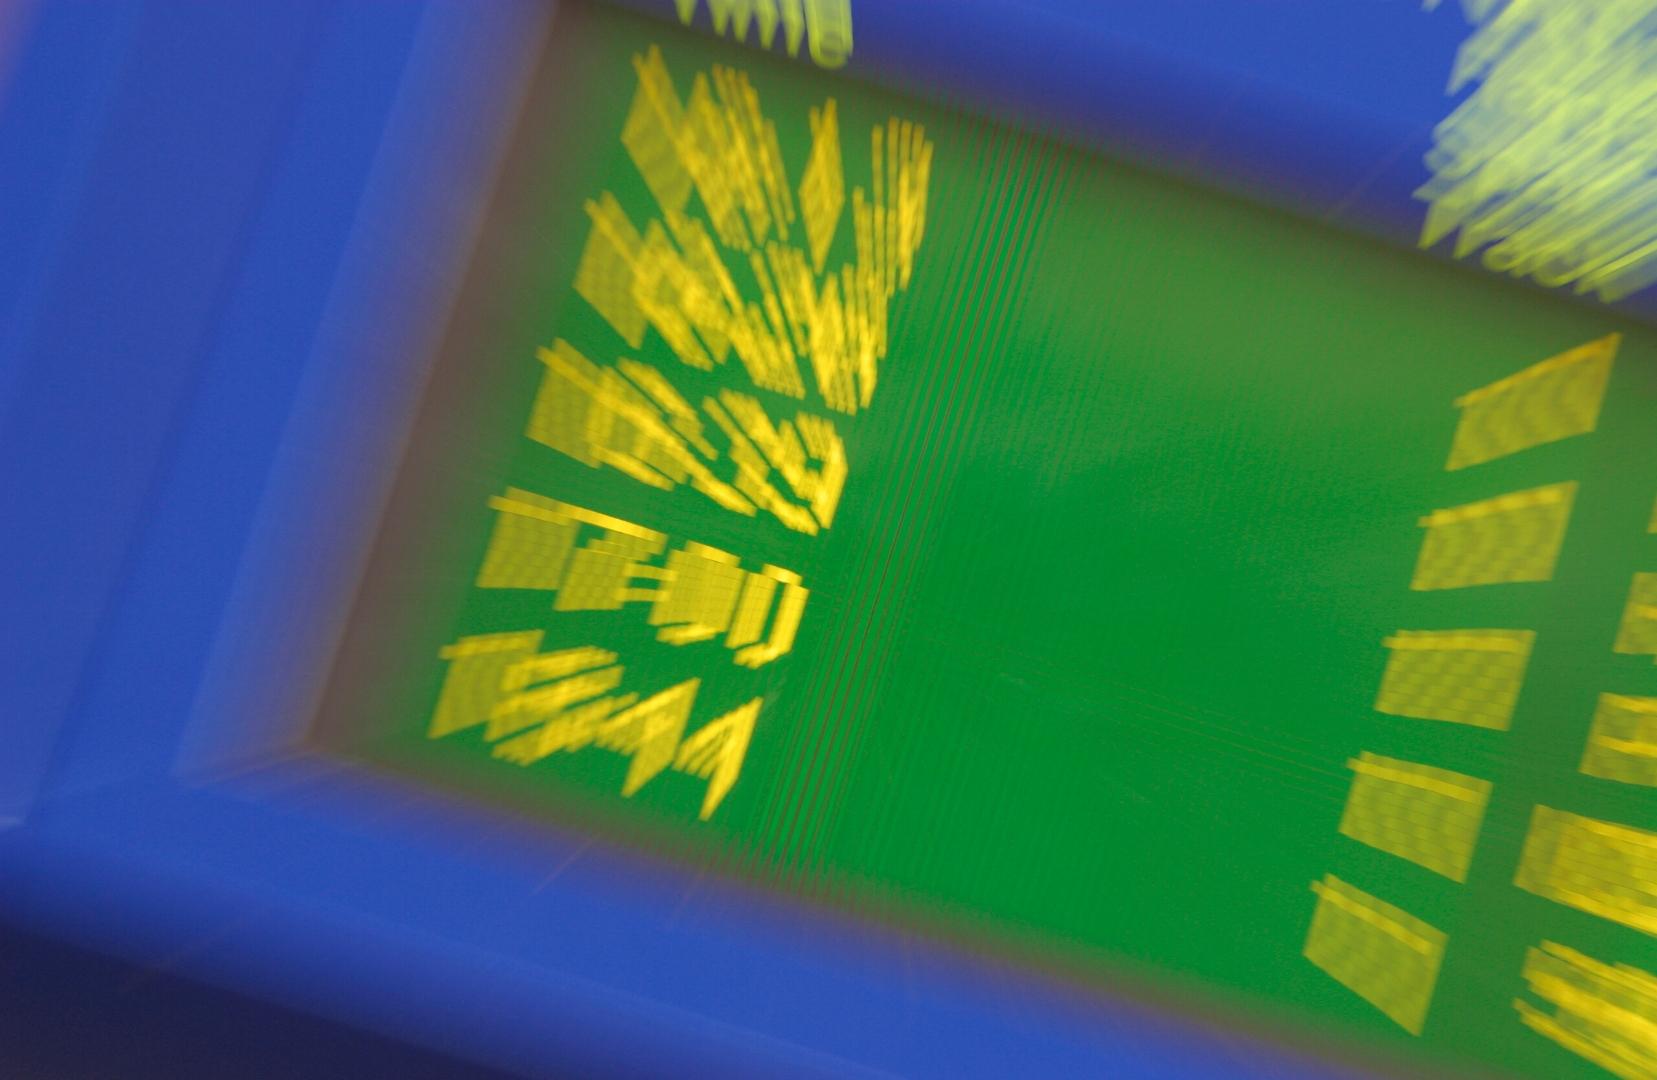 Aikataulunäyttö sinisillä kehyksillä, vihreällä taustalla ja keltaisilla kellonajoilla.  Zoomaava blur keskelle saa numerot taipumaan ulospäin kuvasta.